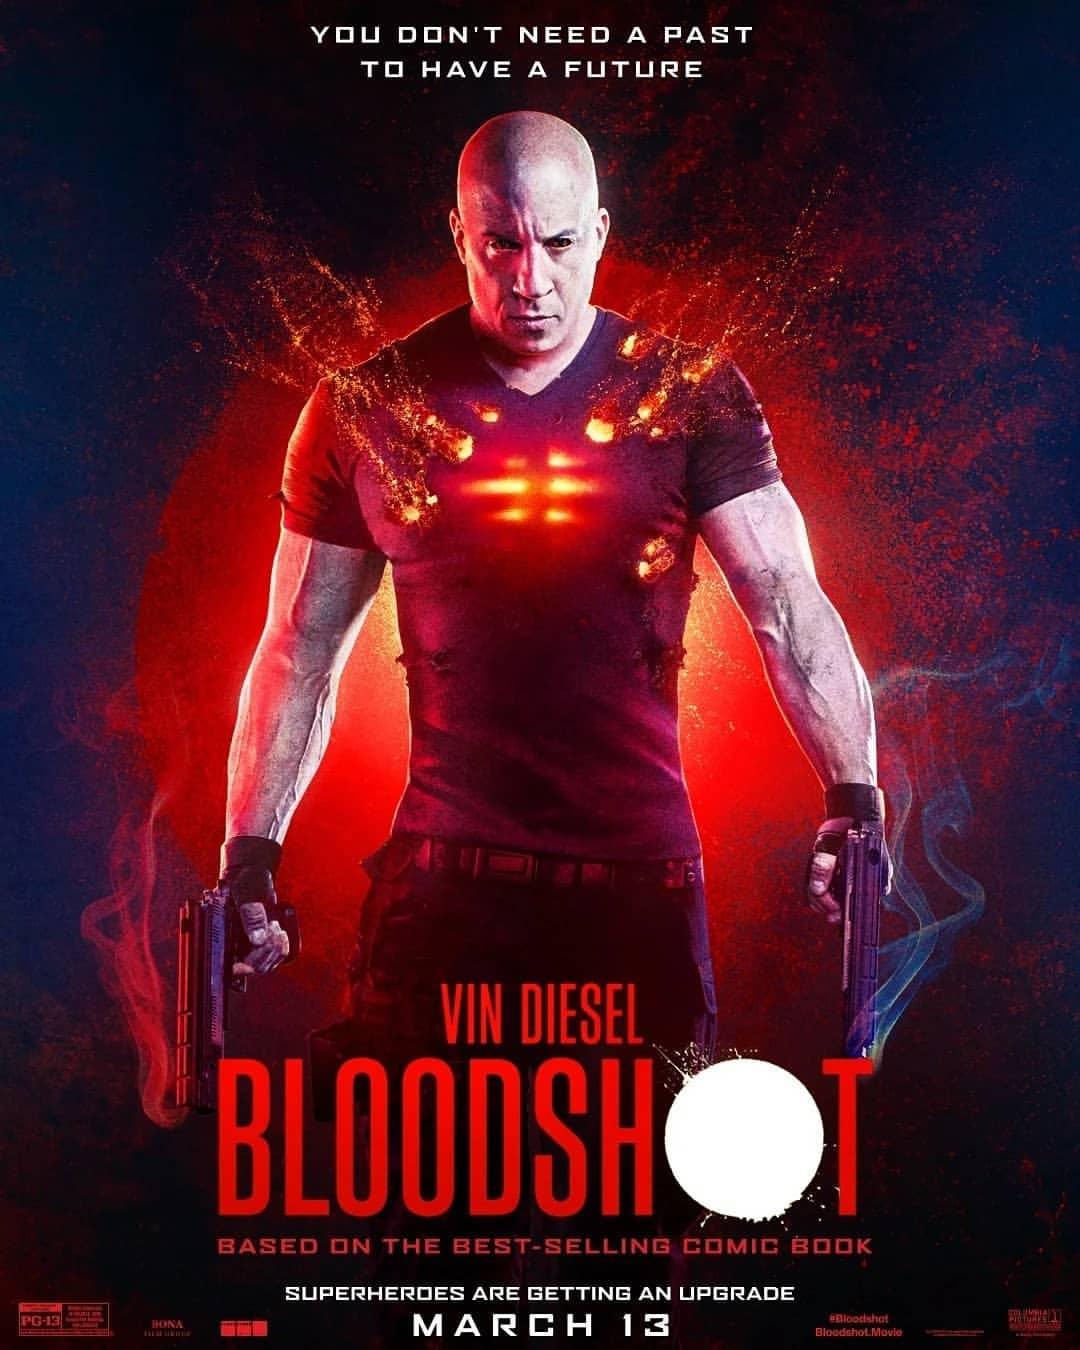 دانلود فیلم Bloodshot 2020 با زیرنویس فارسی چسبیده + دوبله